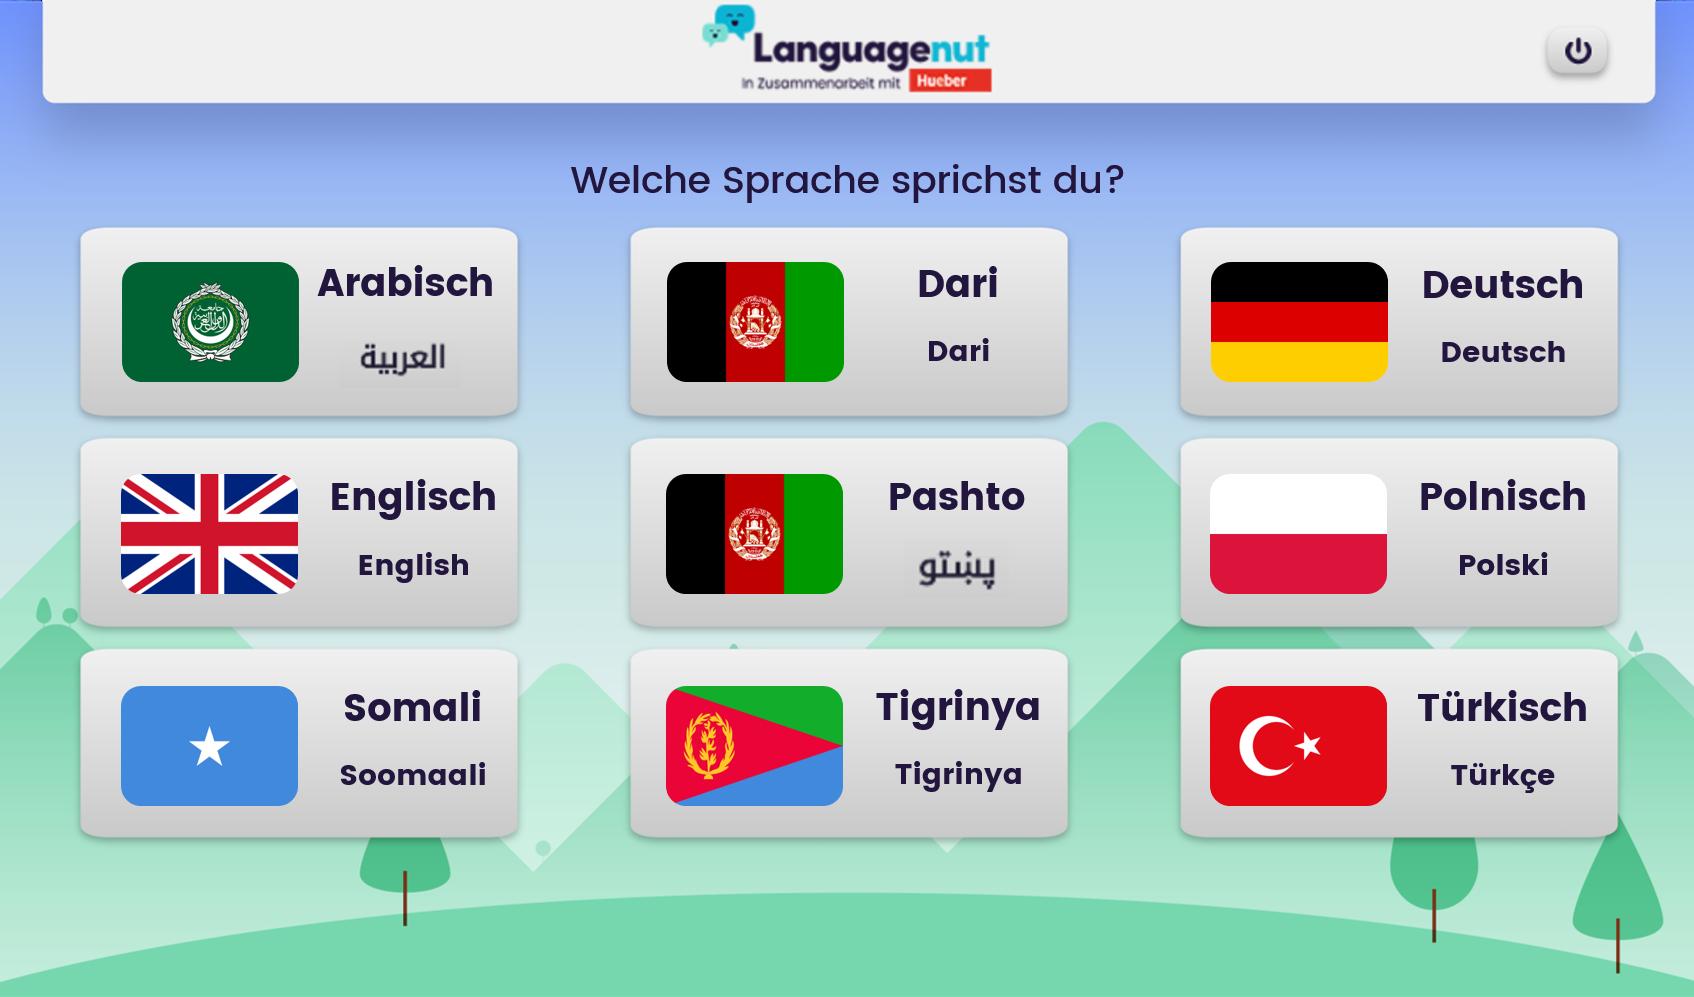 Schritte plus Neu Wortschatz und Grammatik - Sprachenauswahl